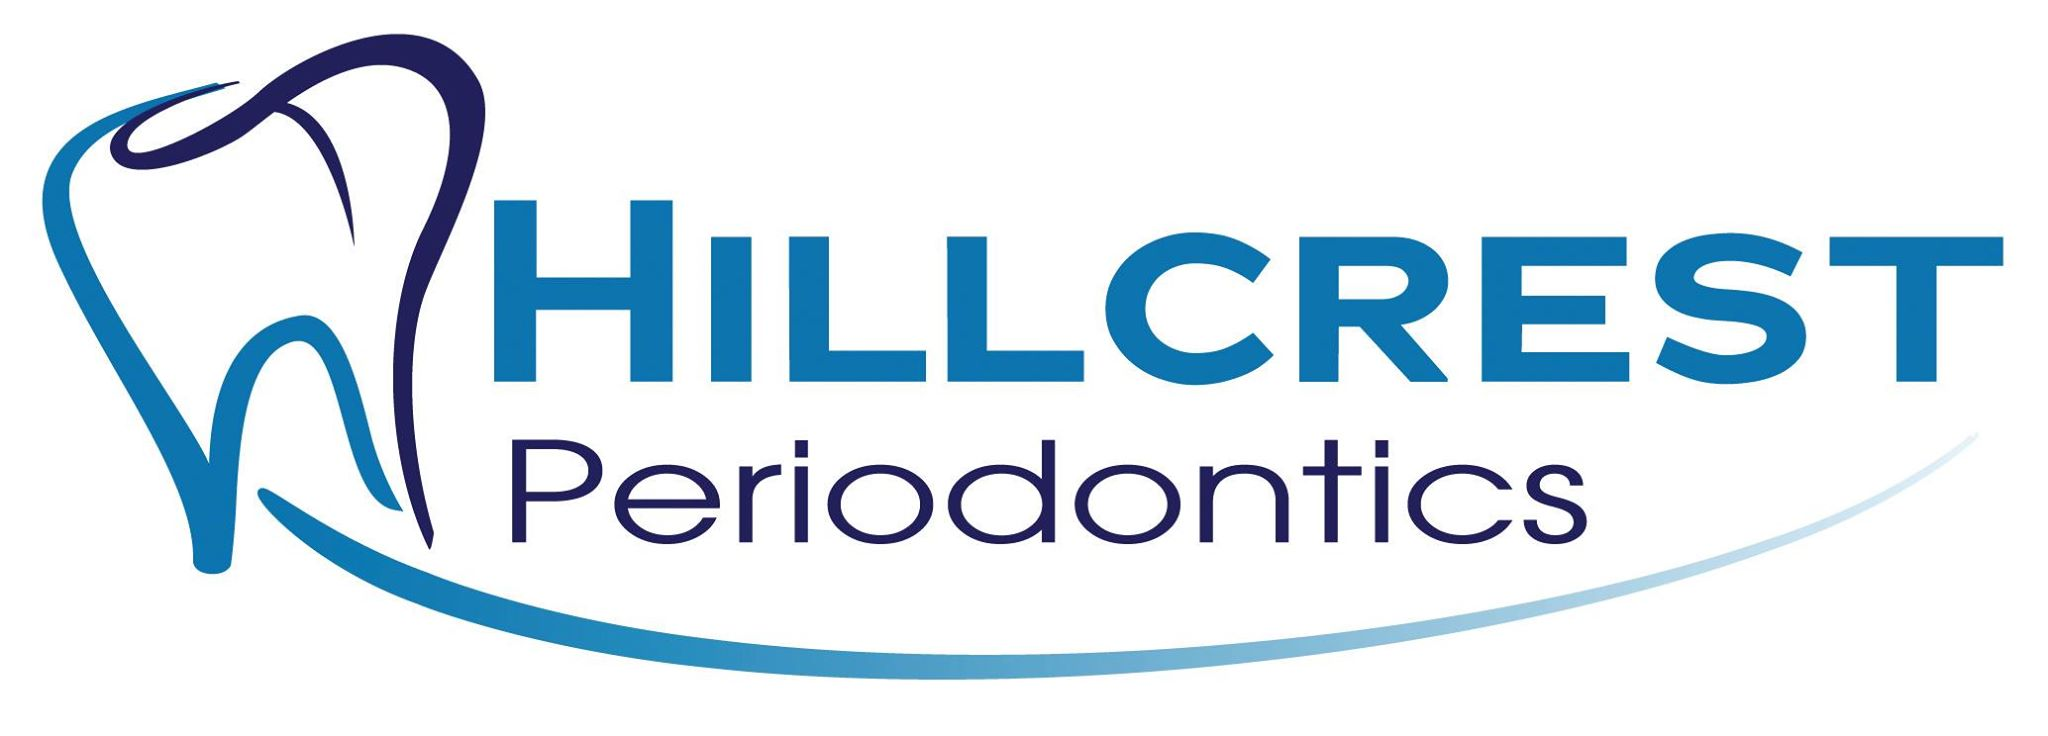 Hillcrest Periodontics